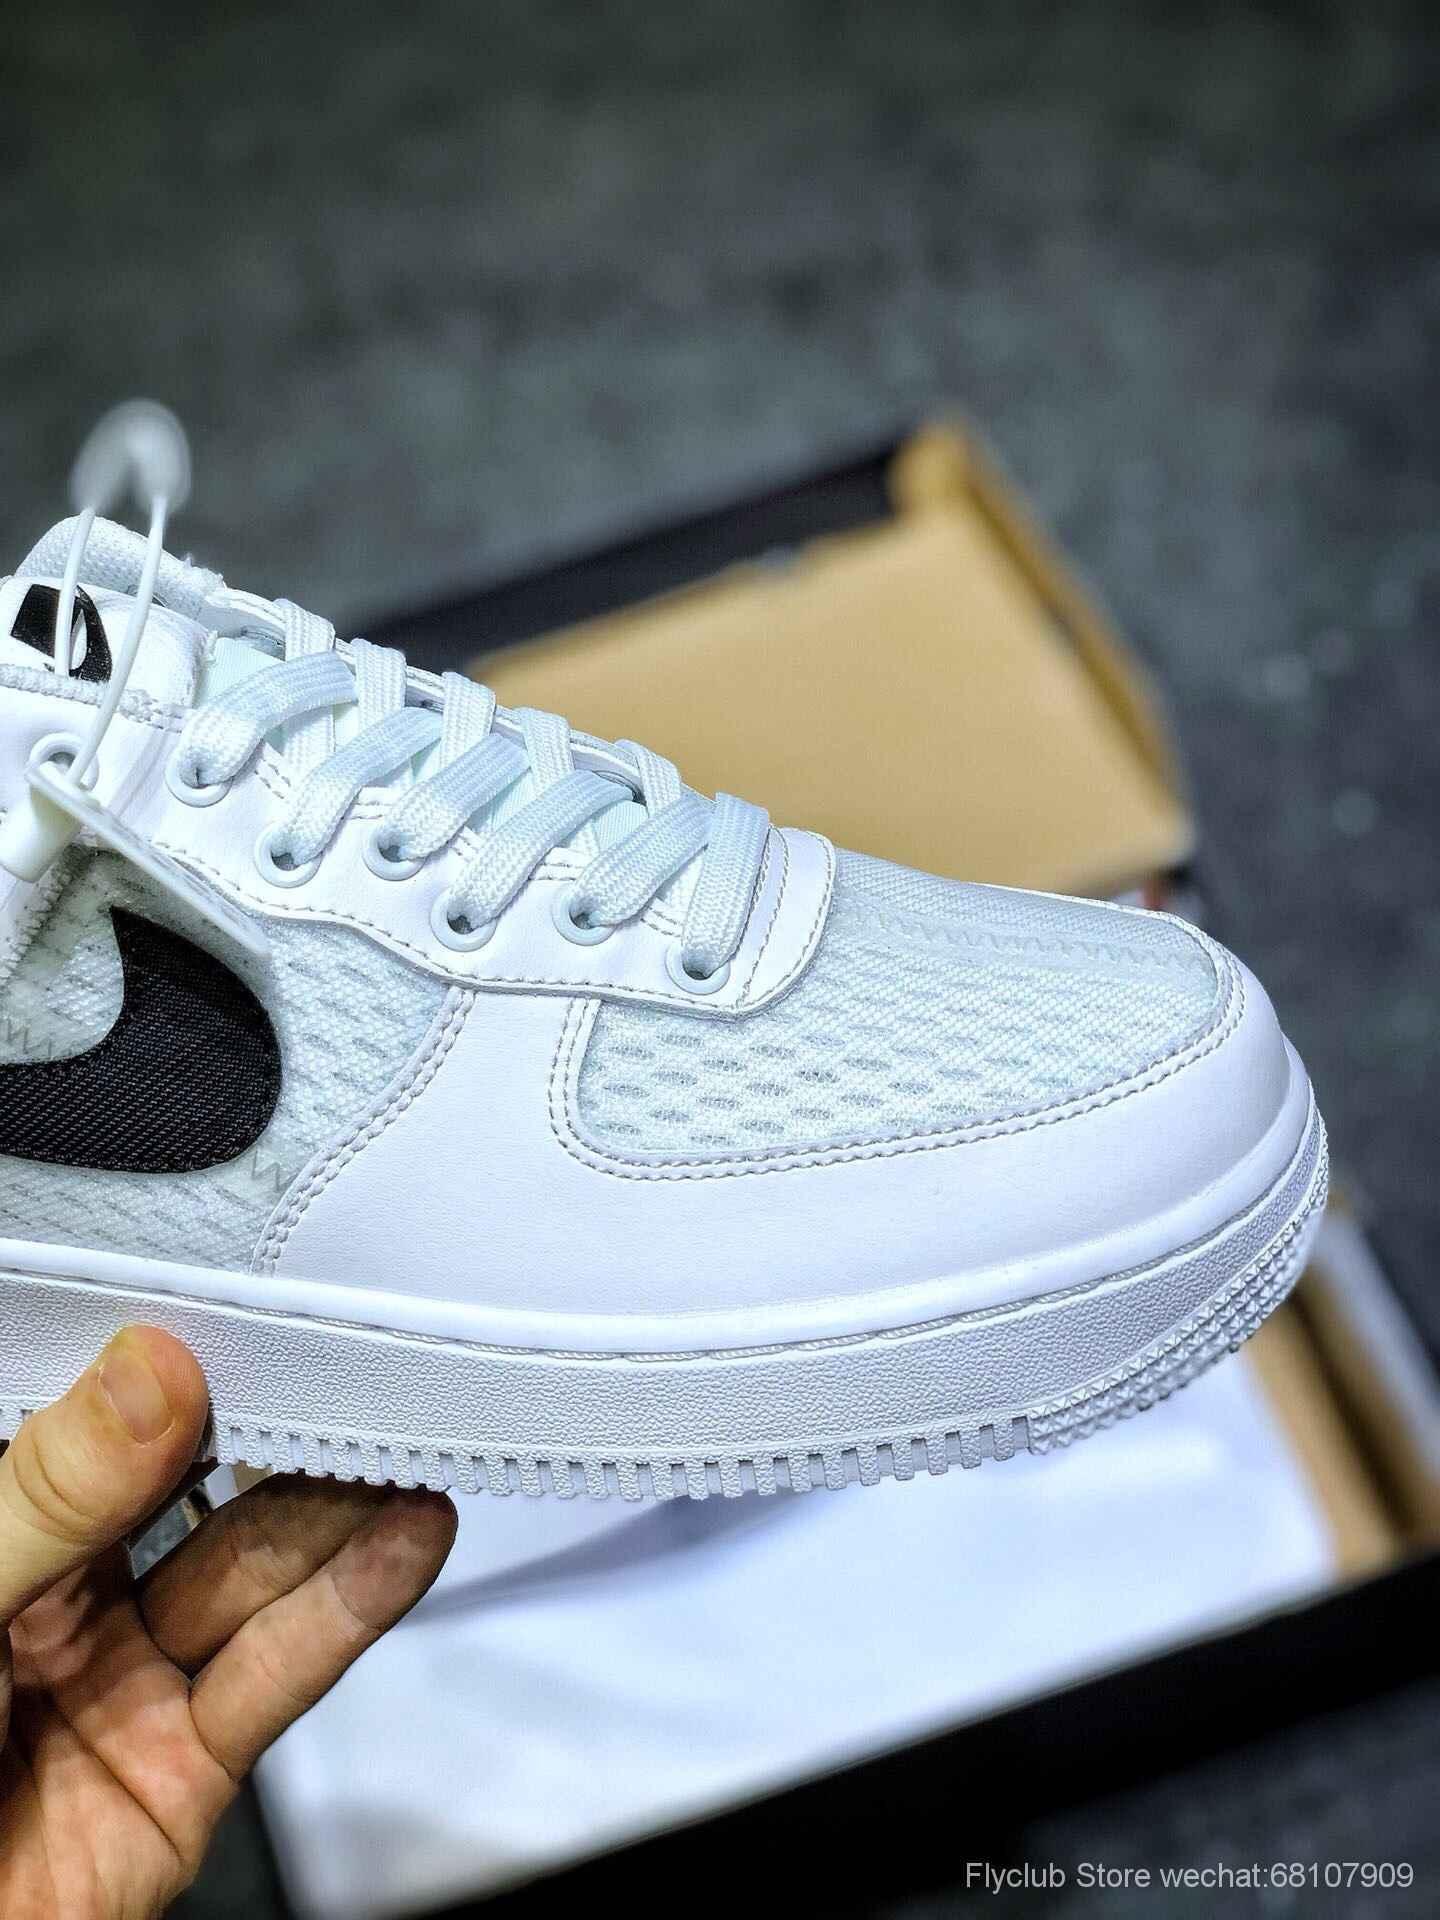 nike板鞋官网_原装Nike Air Force 1 x TYPE 空军一号低帮板鞋 透气镂空解构拼接-【ST ...